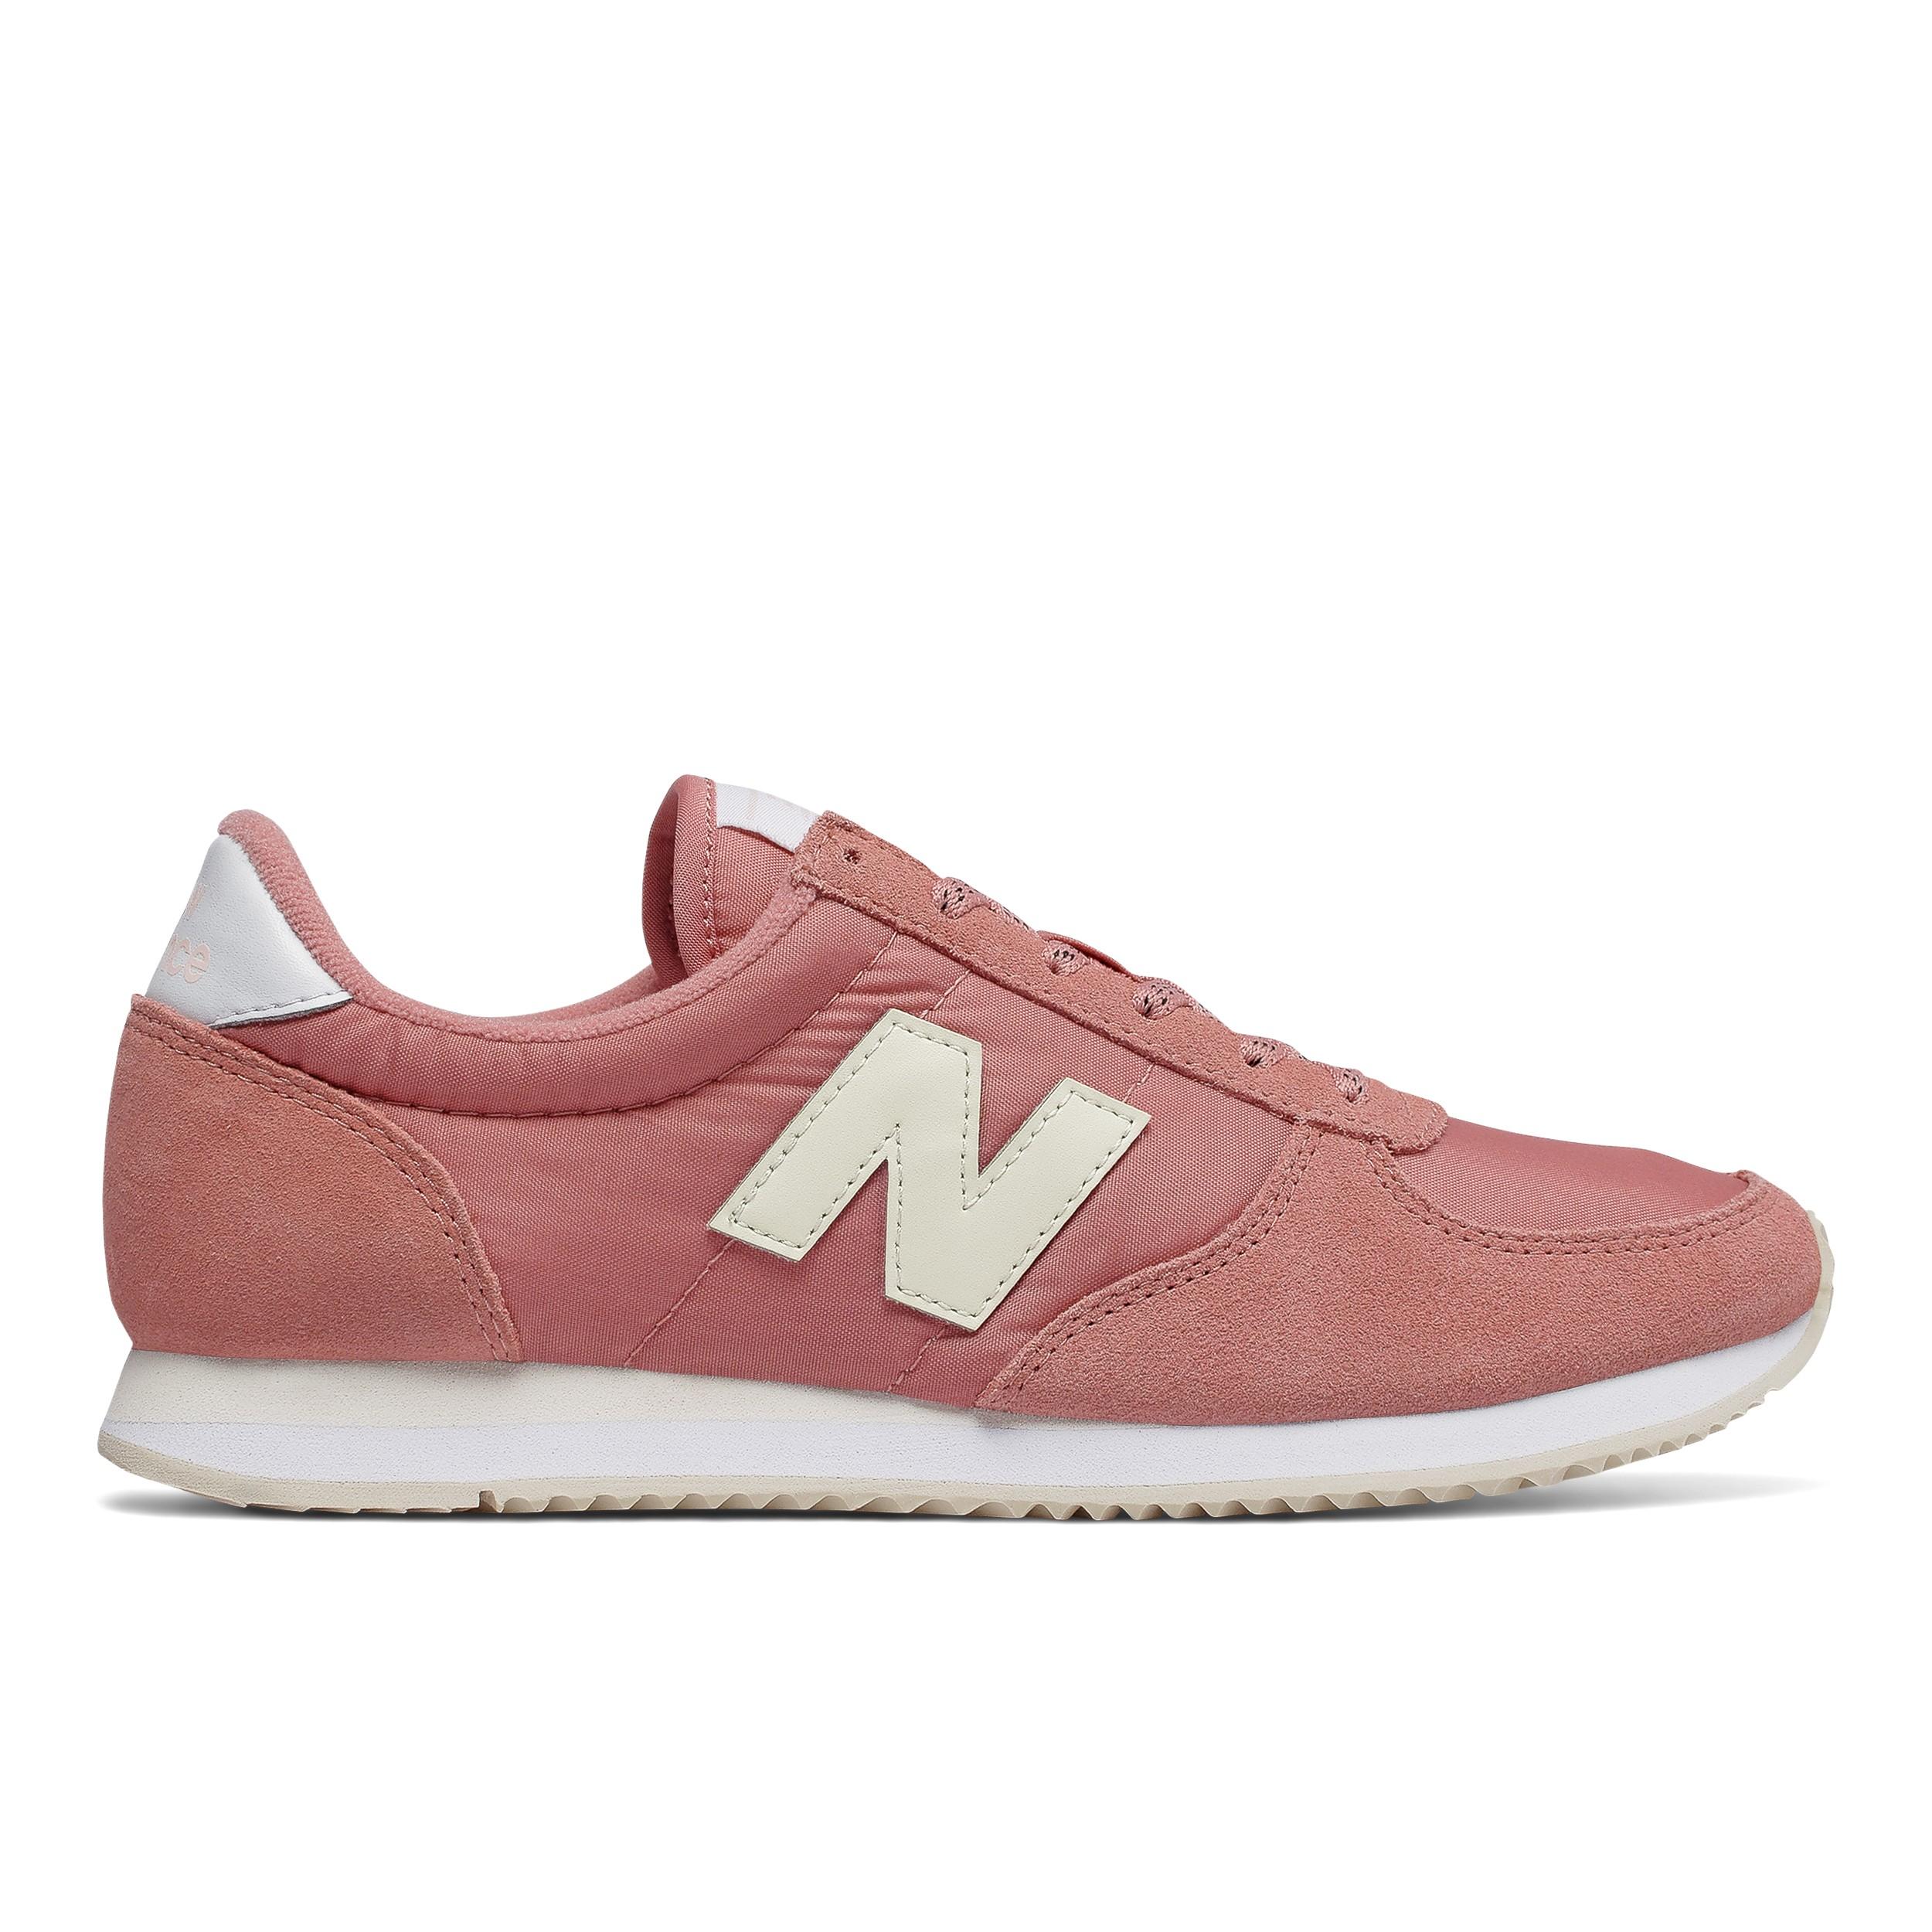 new balance u410 gris y rosa